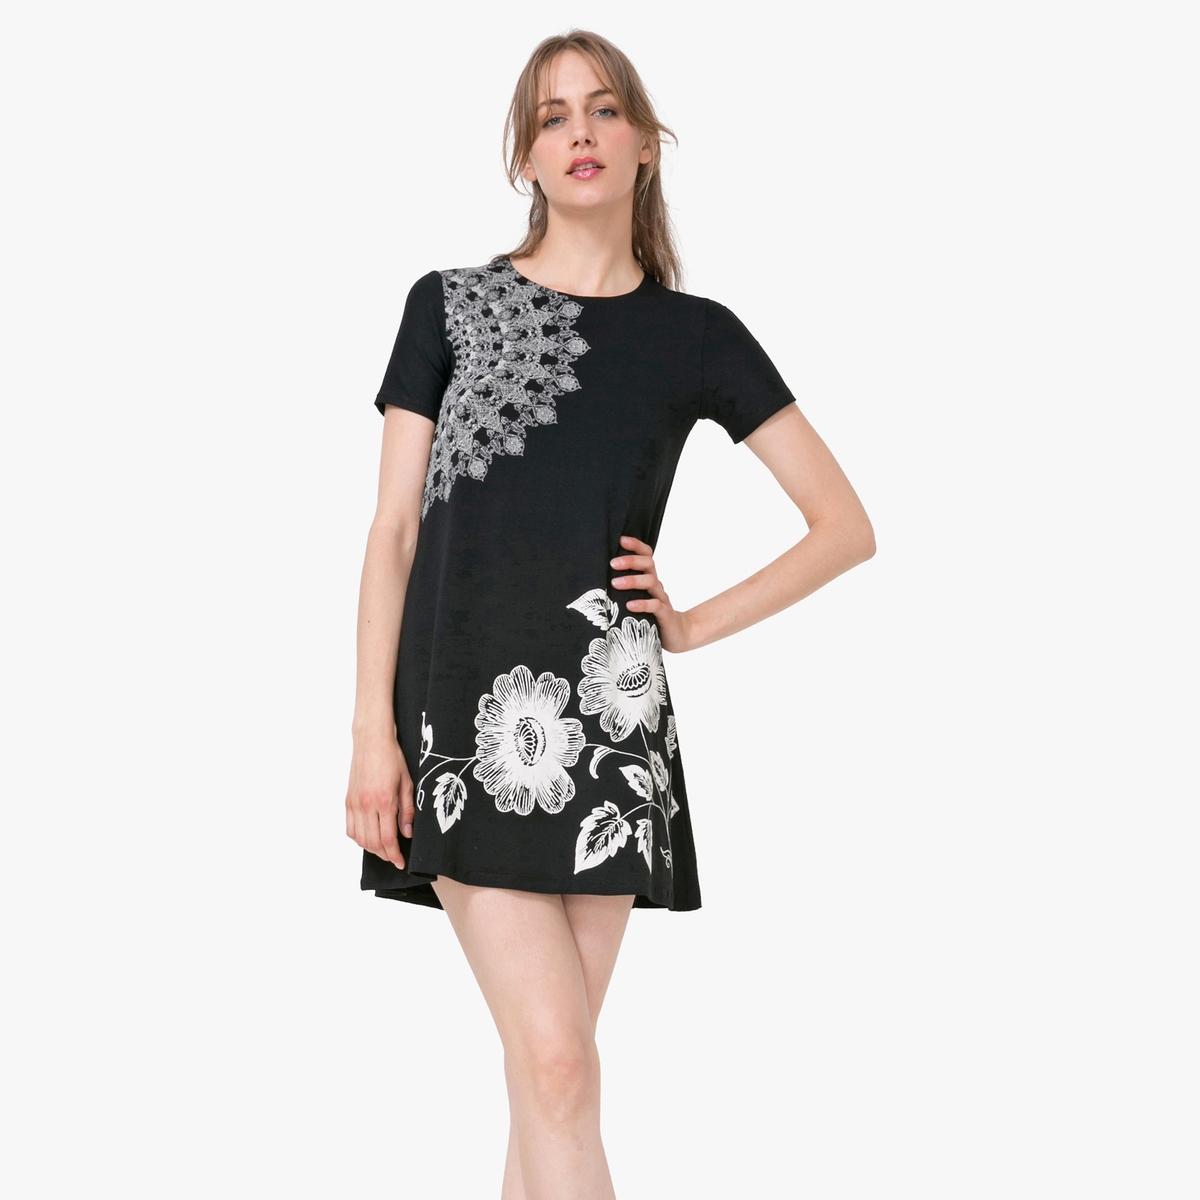 Платье с короткими рукавами и рисункомМатериал : 97% вискозы, 3% эластана  Длина рукава : короткие рукава  Форма воротника : круглый вырез Покрой платья : расклешенный покрой Рисунок : цветочный   Длина платья : короткое<br><br>Цвет: черный<br>Размер: S.XXL